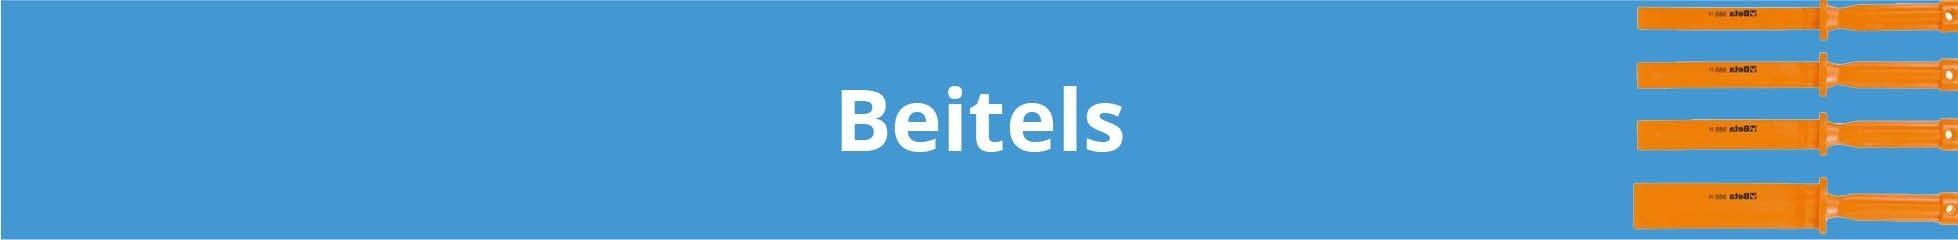 Beitels